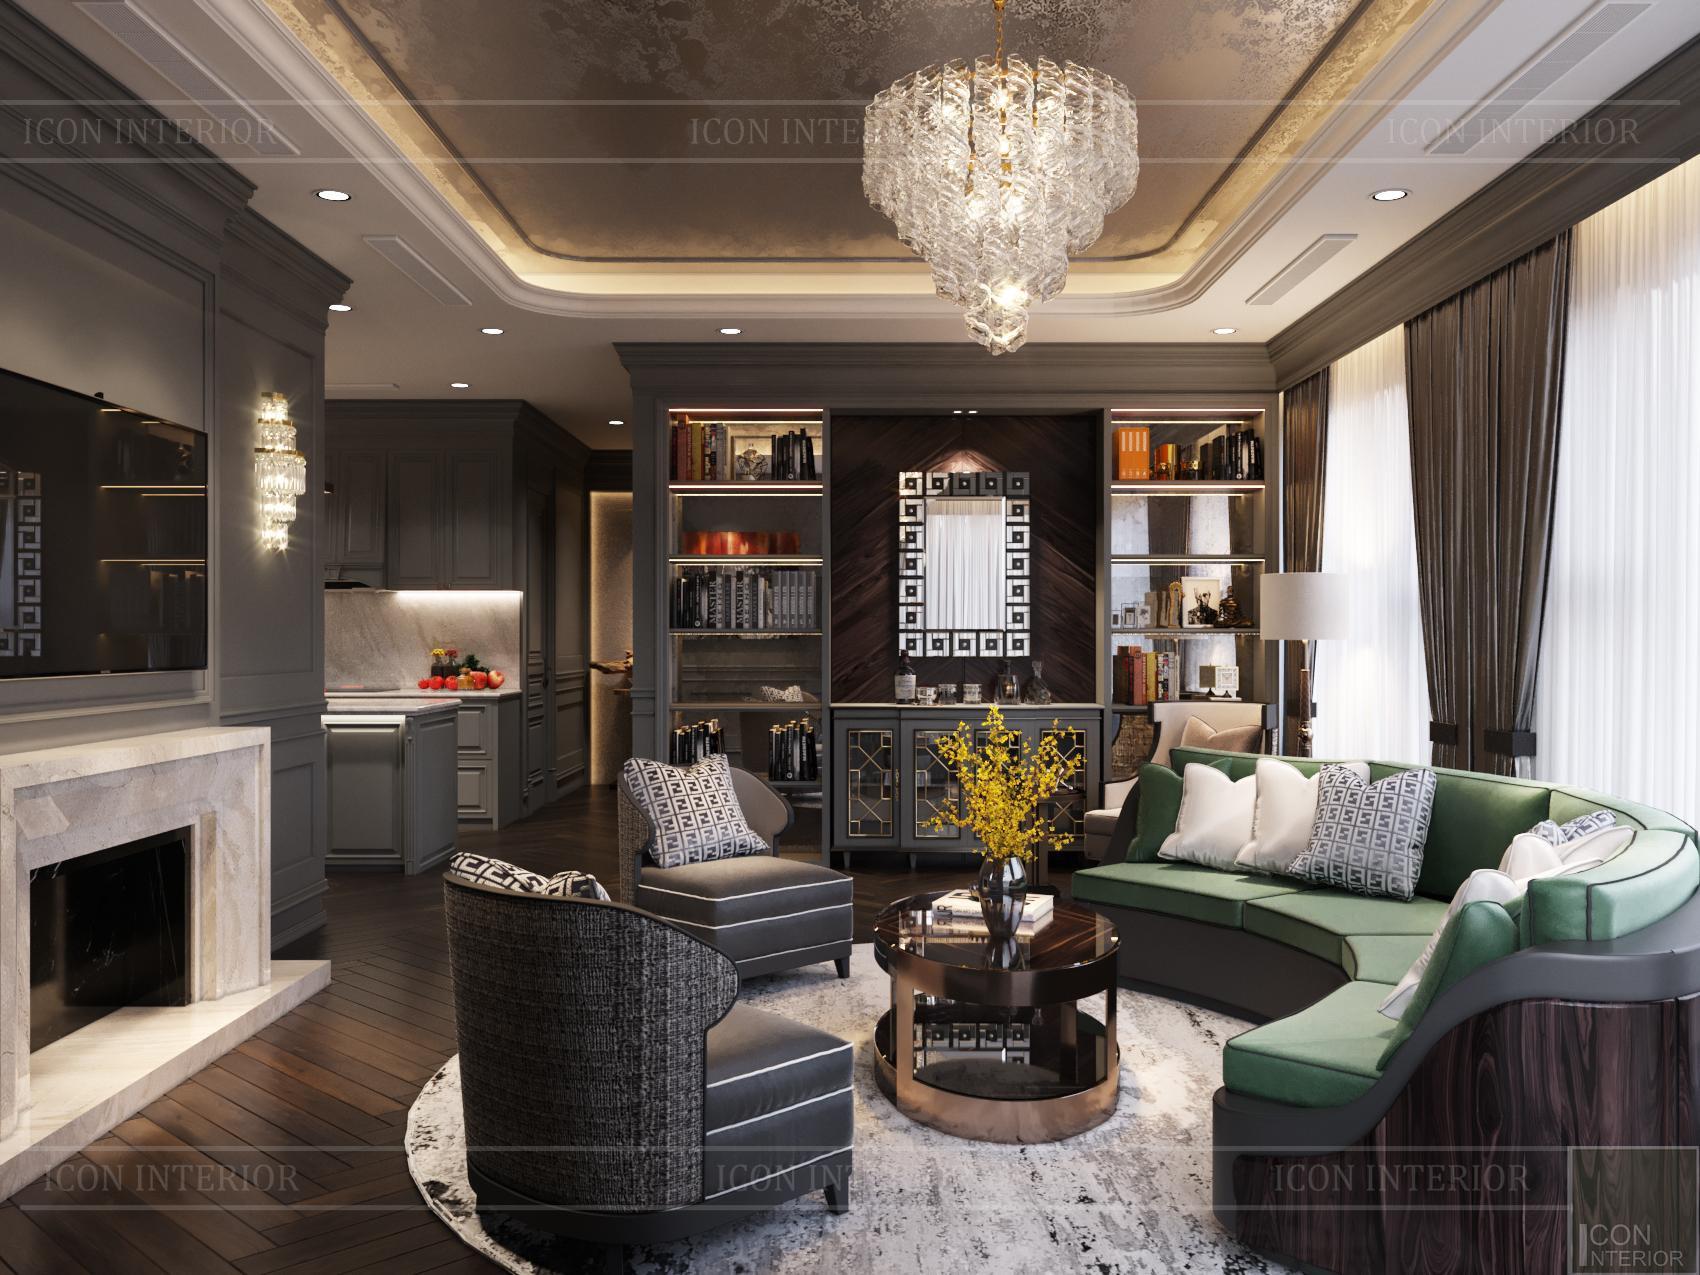 thiết kế nội thất chung cư 100m2 đẹp